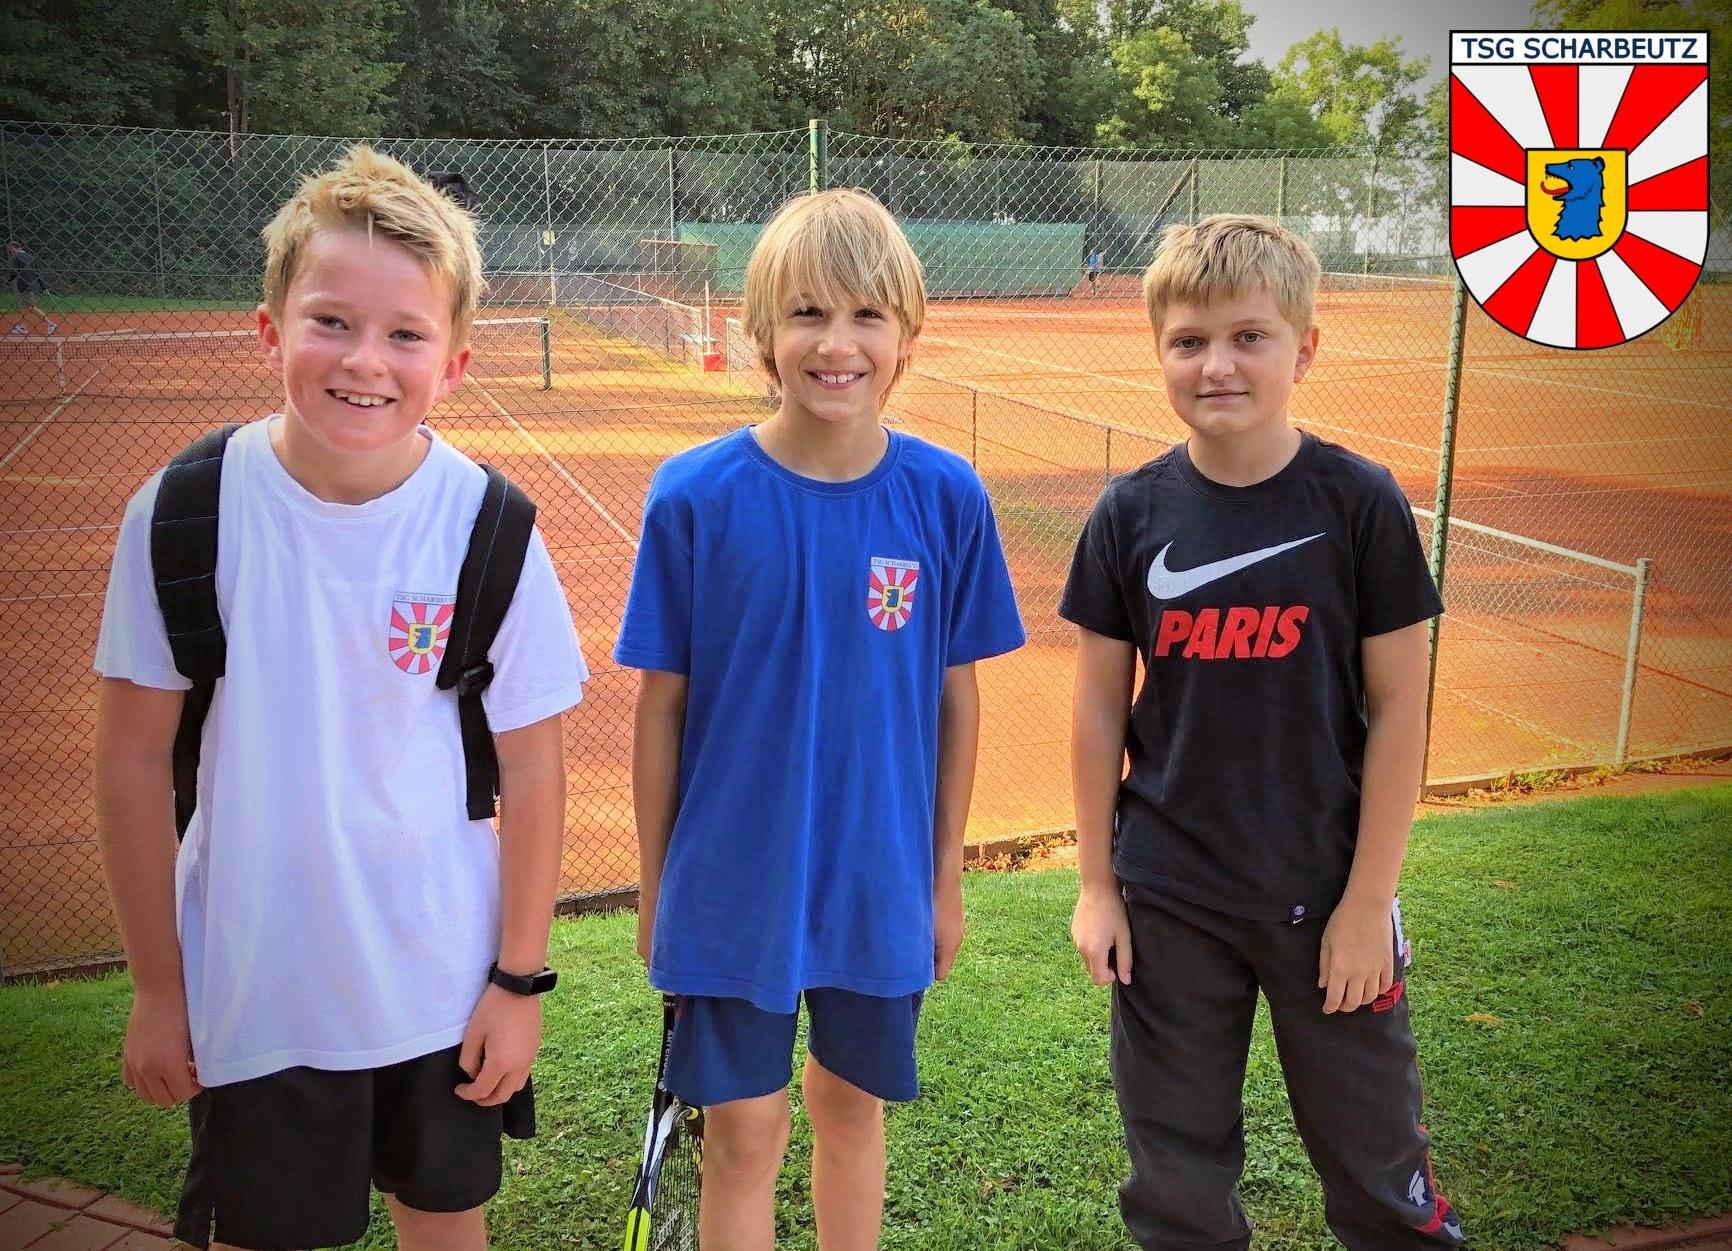 Punktspiele der TSG-Jugend Midcourt . Neustadt - Scharbeutz 2:1